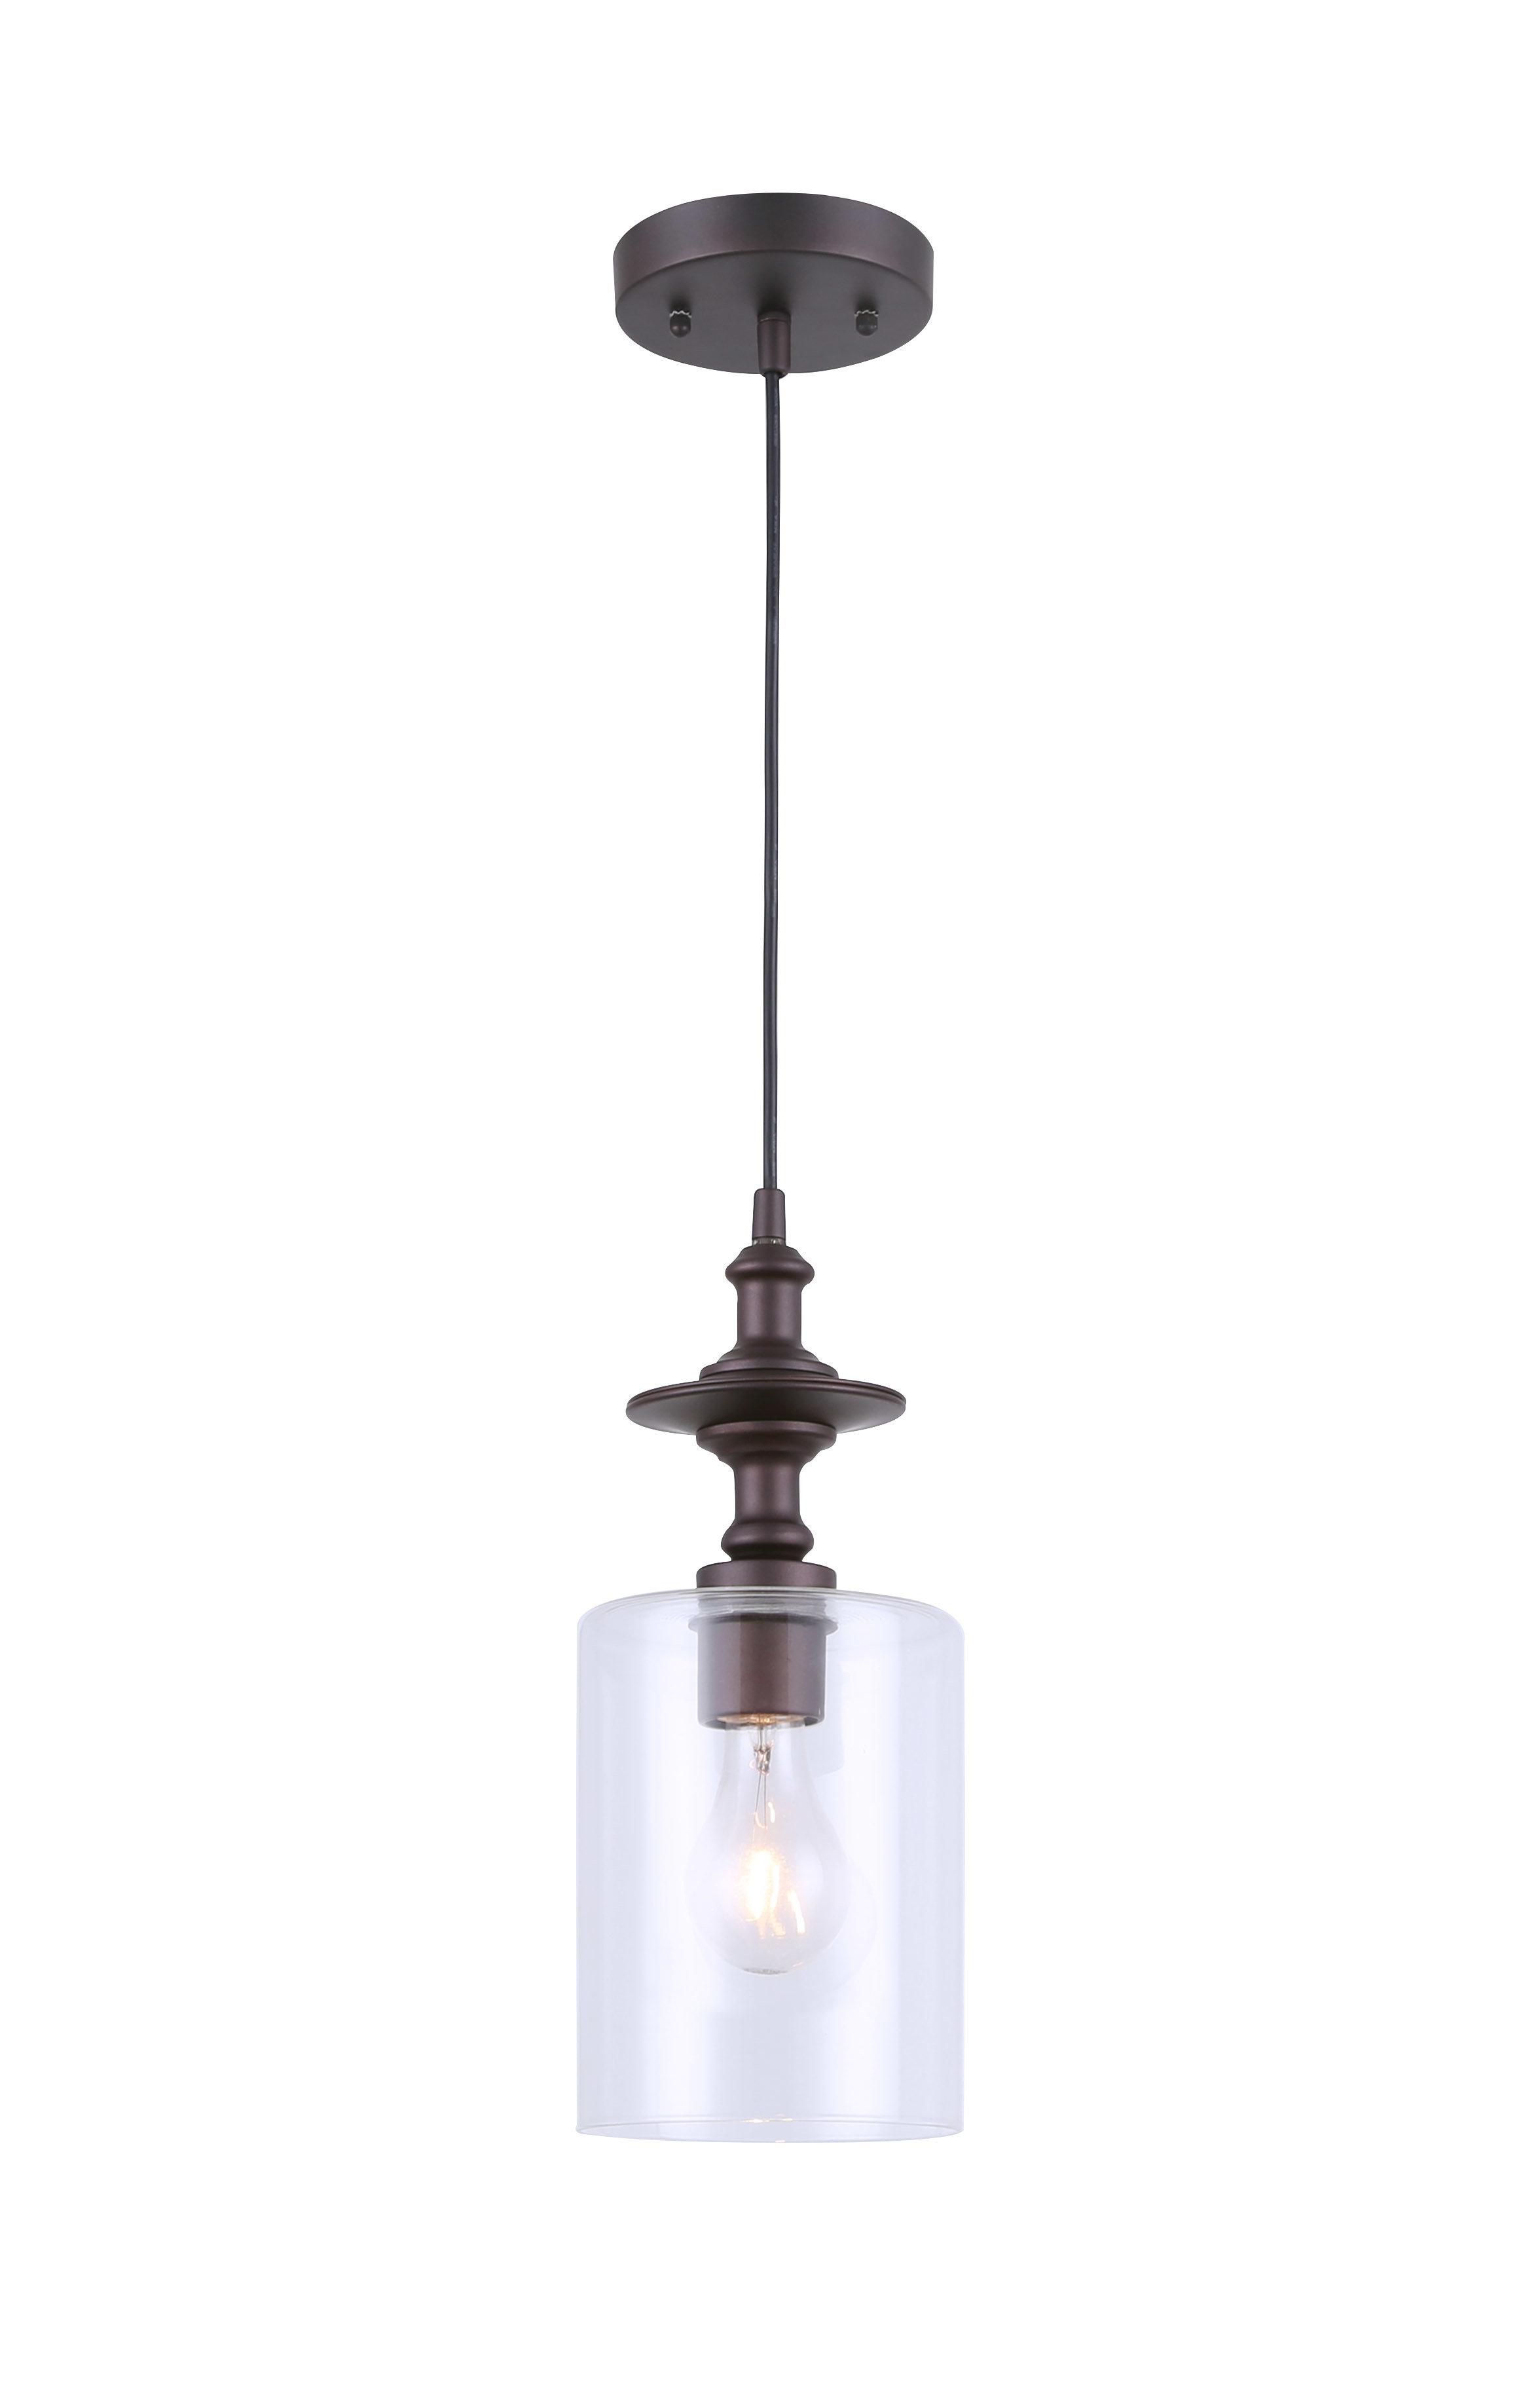 Bainbridge 1-Light Single Cylinder Pendants for Favorite Alabaster Cylinder Pendant